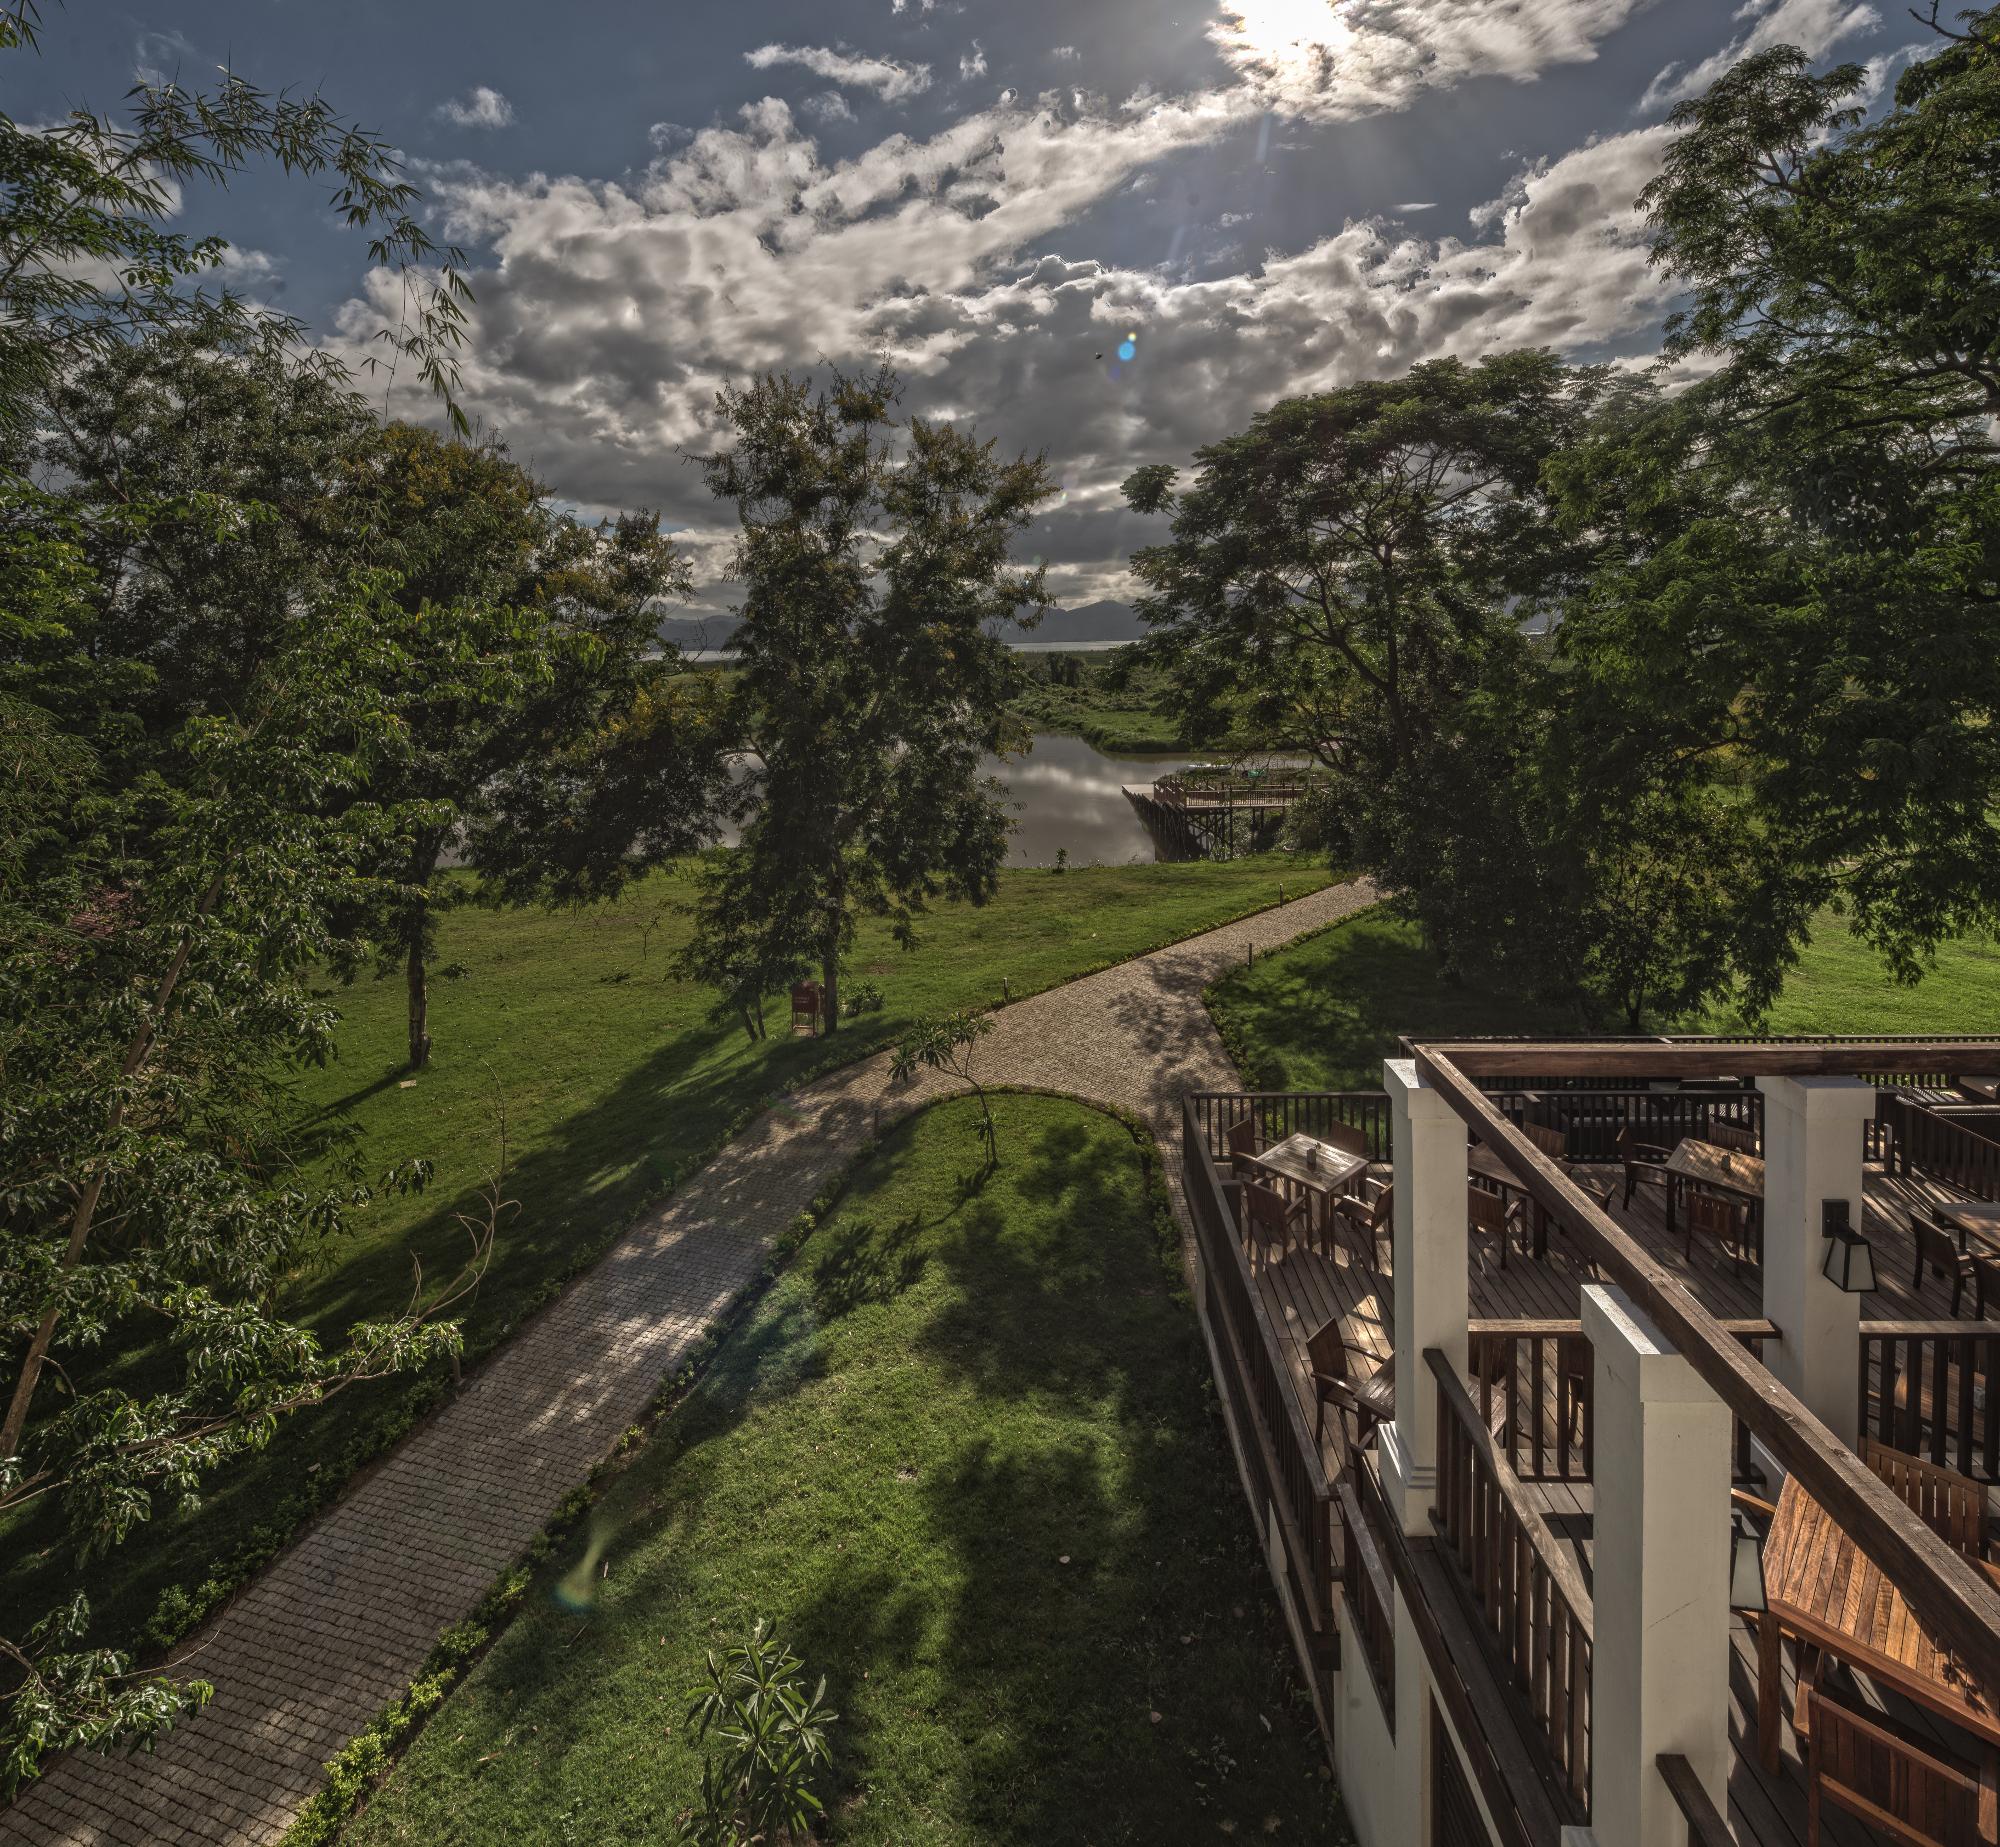 sanctum-terrace-14